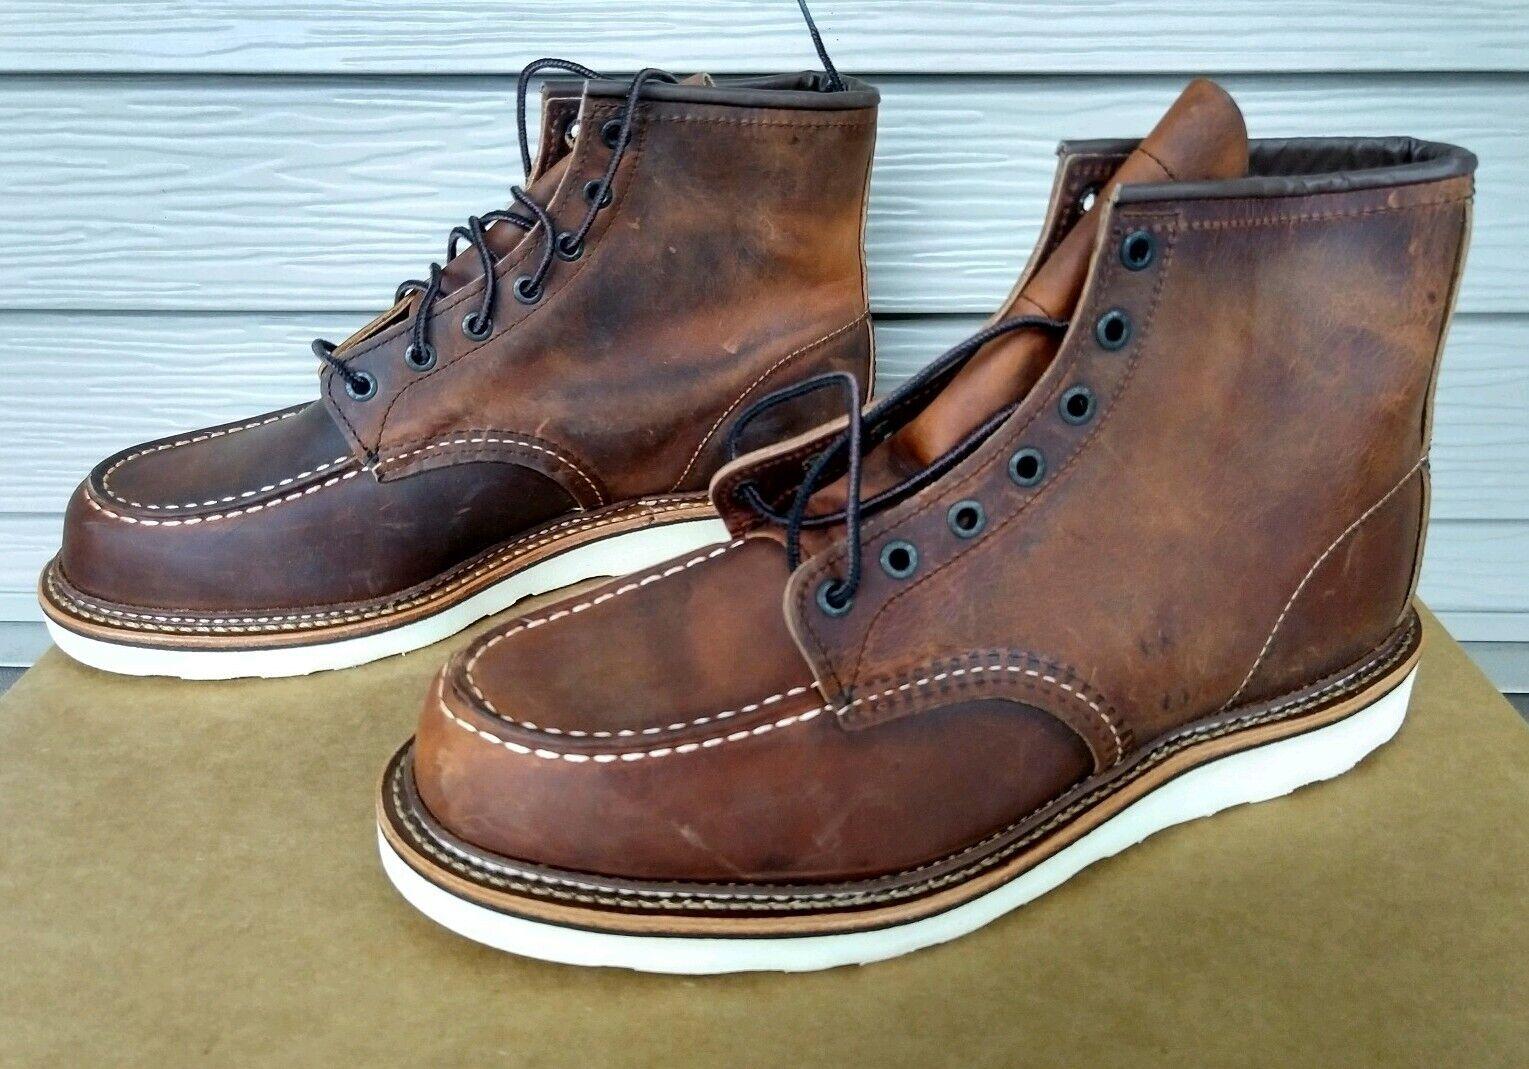 SK seguridad zapatos zapatos de trabajo negro s1 para señora /& señores tamaño 42